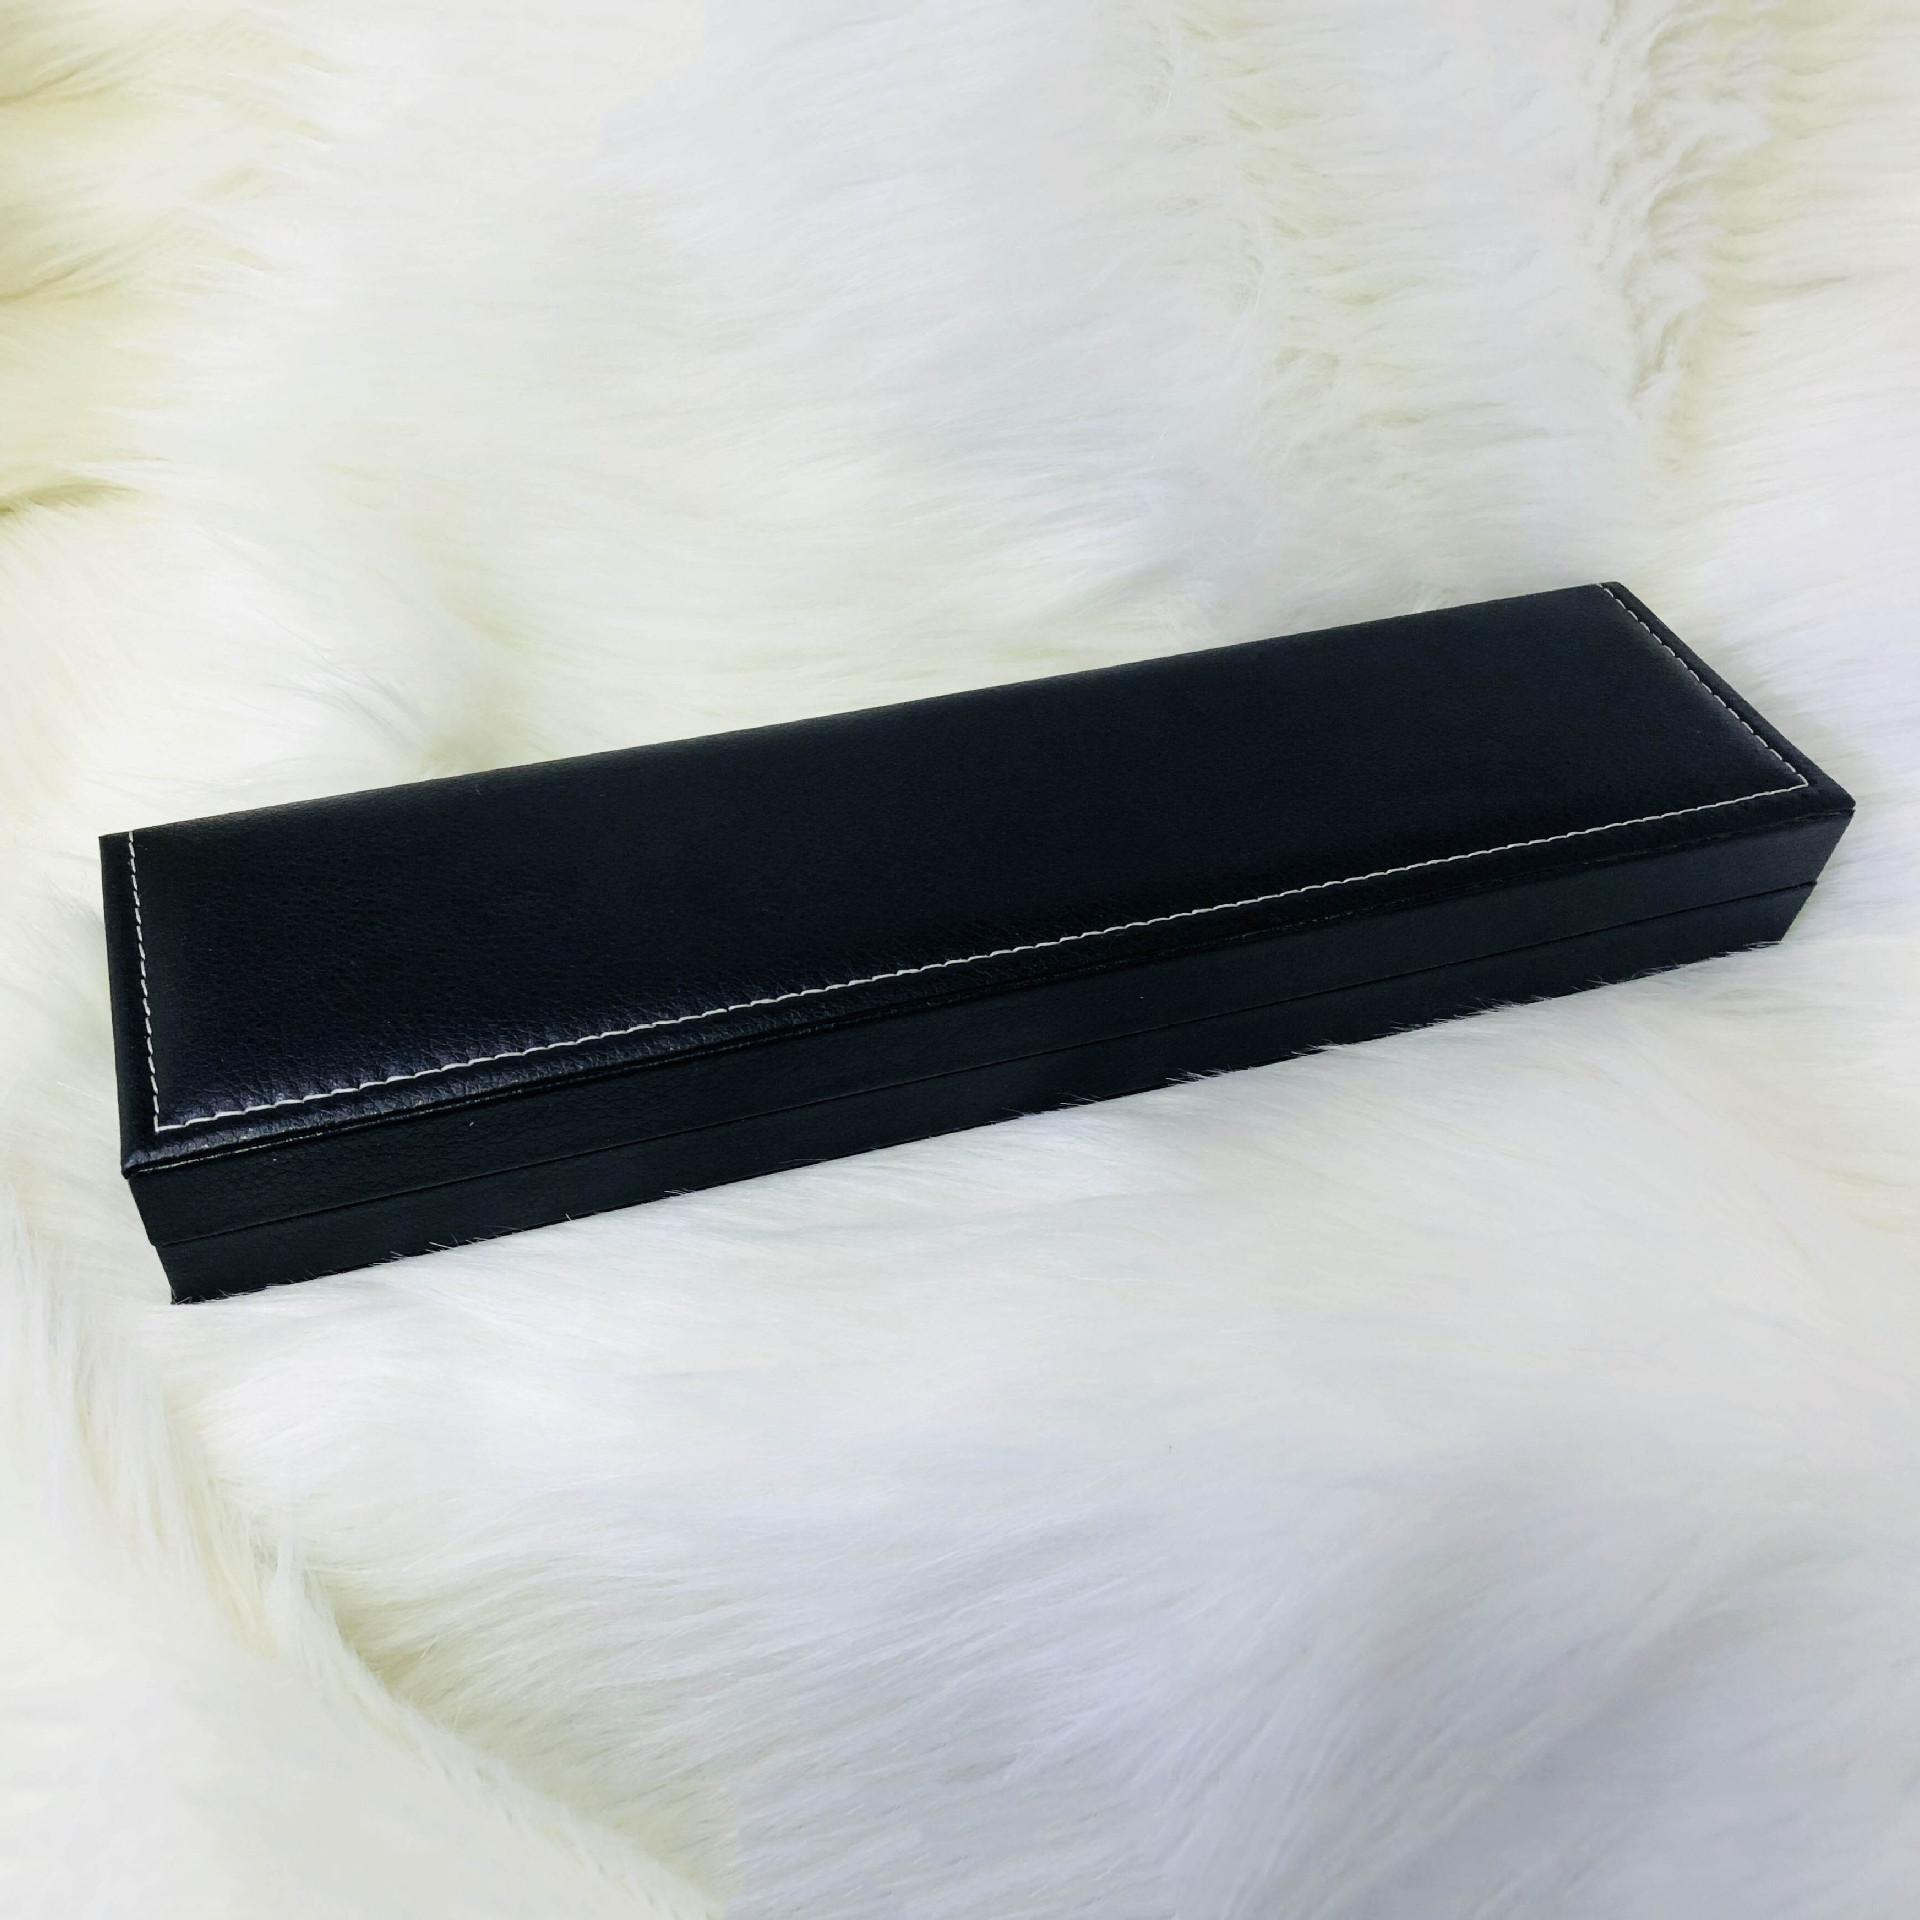 包装厂现货长款皮质绒布手表盒 手表展示盒珠宝首饰收纳盒